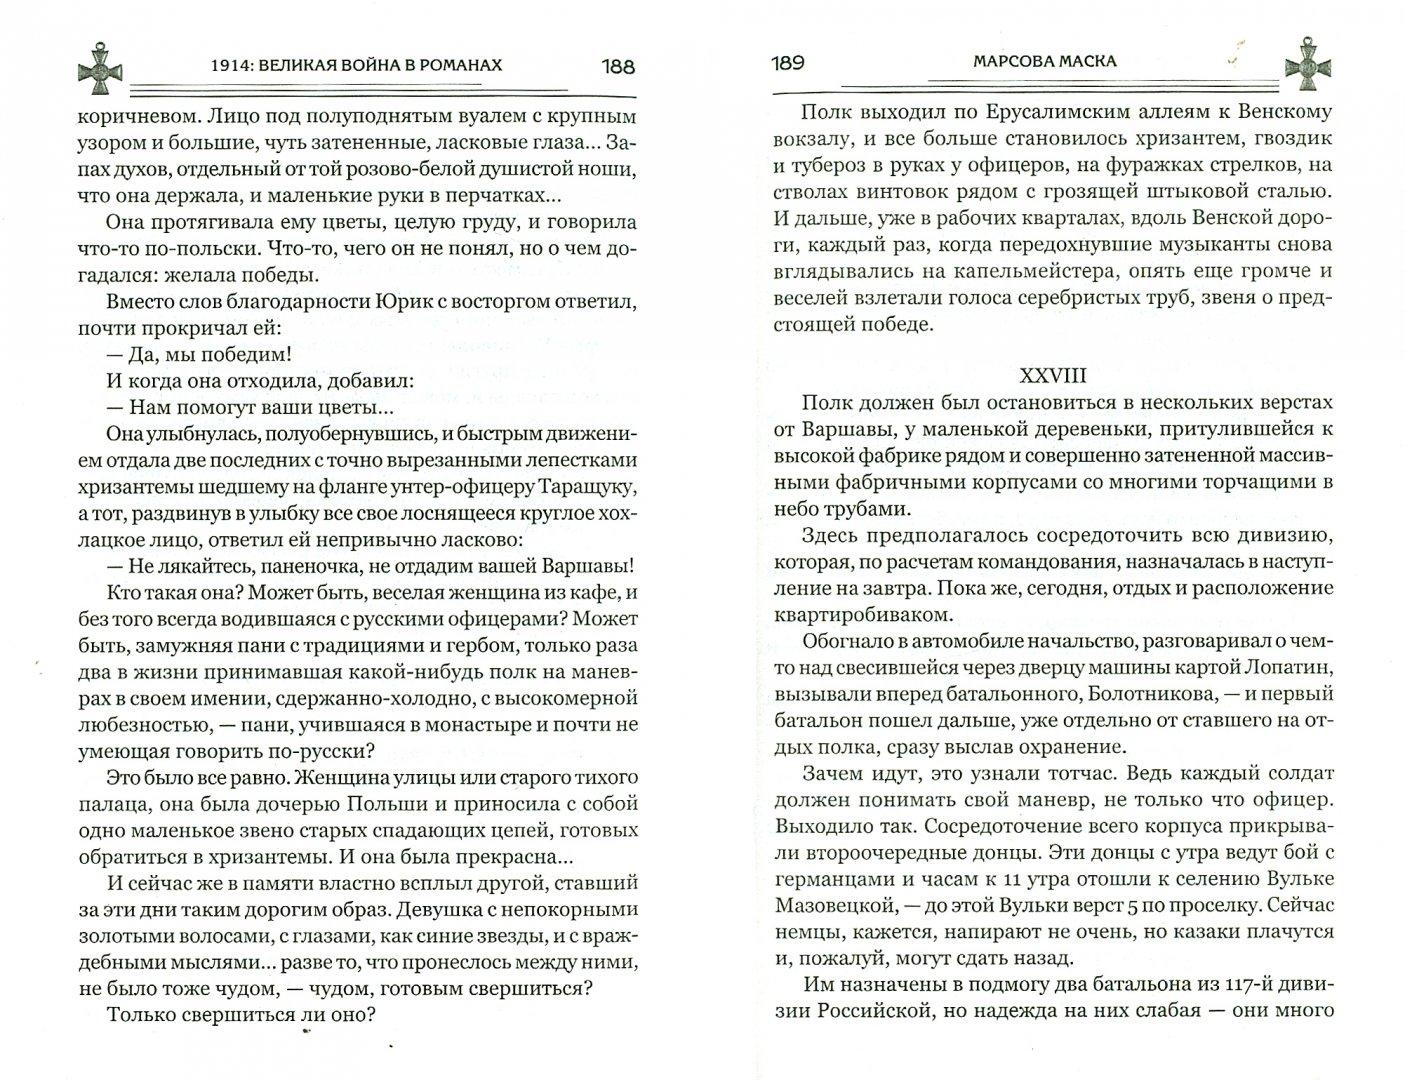 Иллюстрация 1 из 23 для Марсова маска - Николай Белогорский | Лабиринт - книги. Источник: Лабиринт